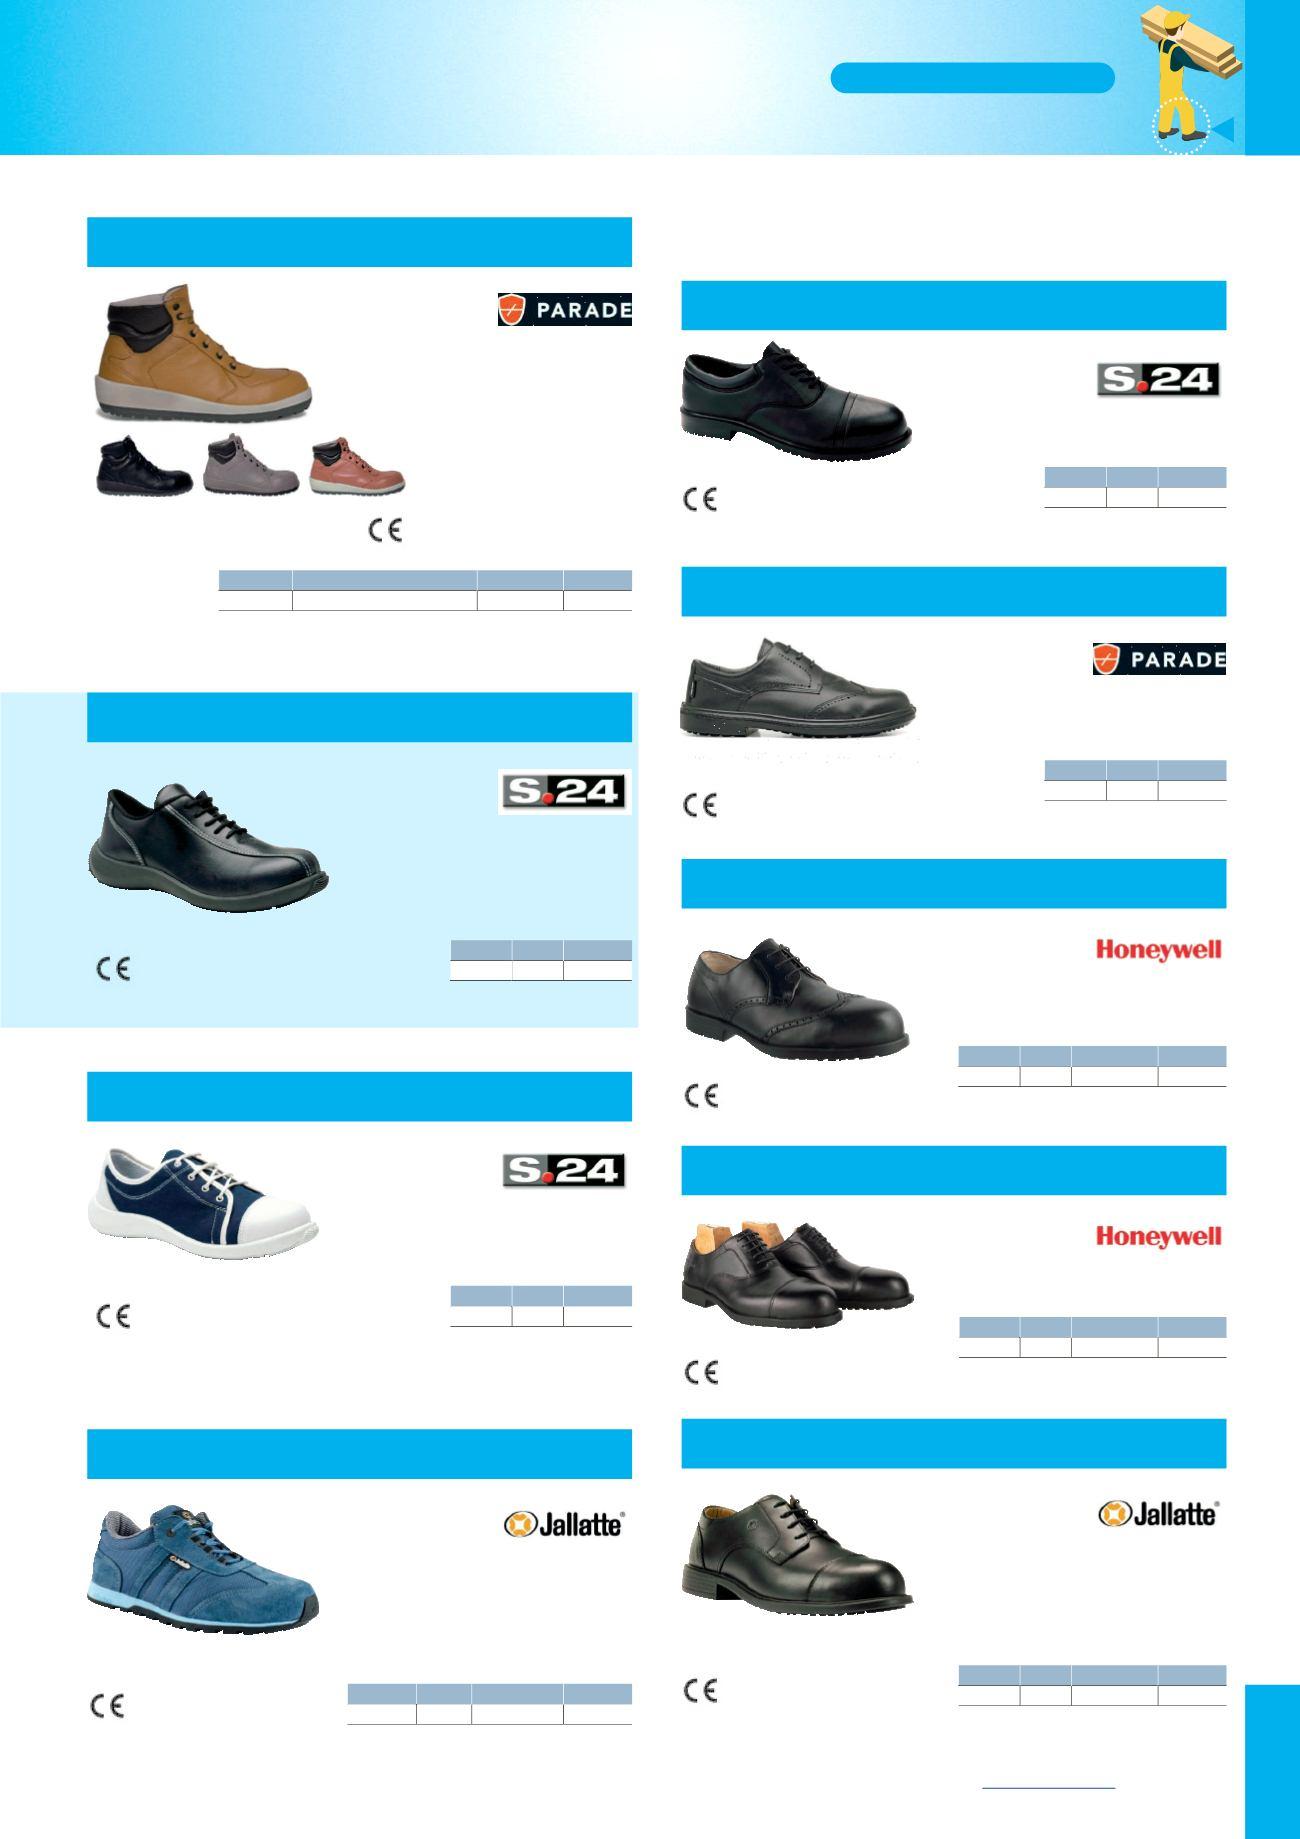 chaussure de securite descours et cabaud,chaussures de